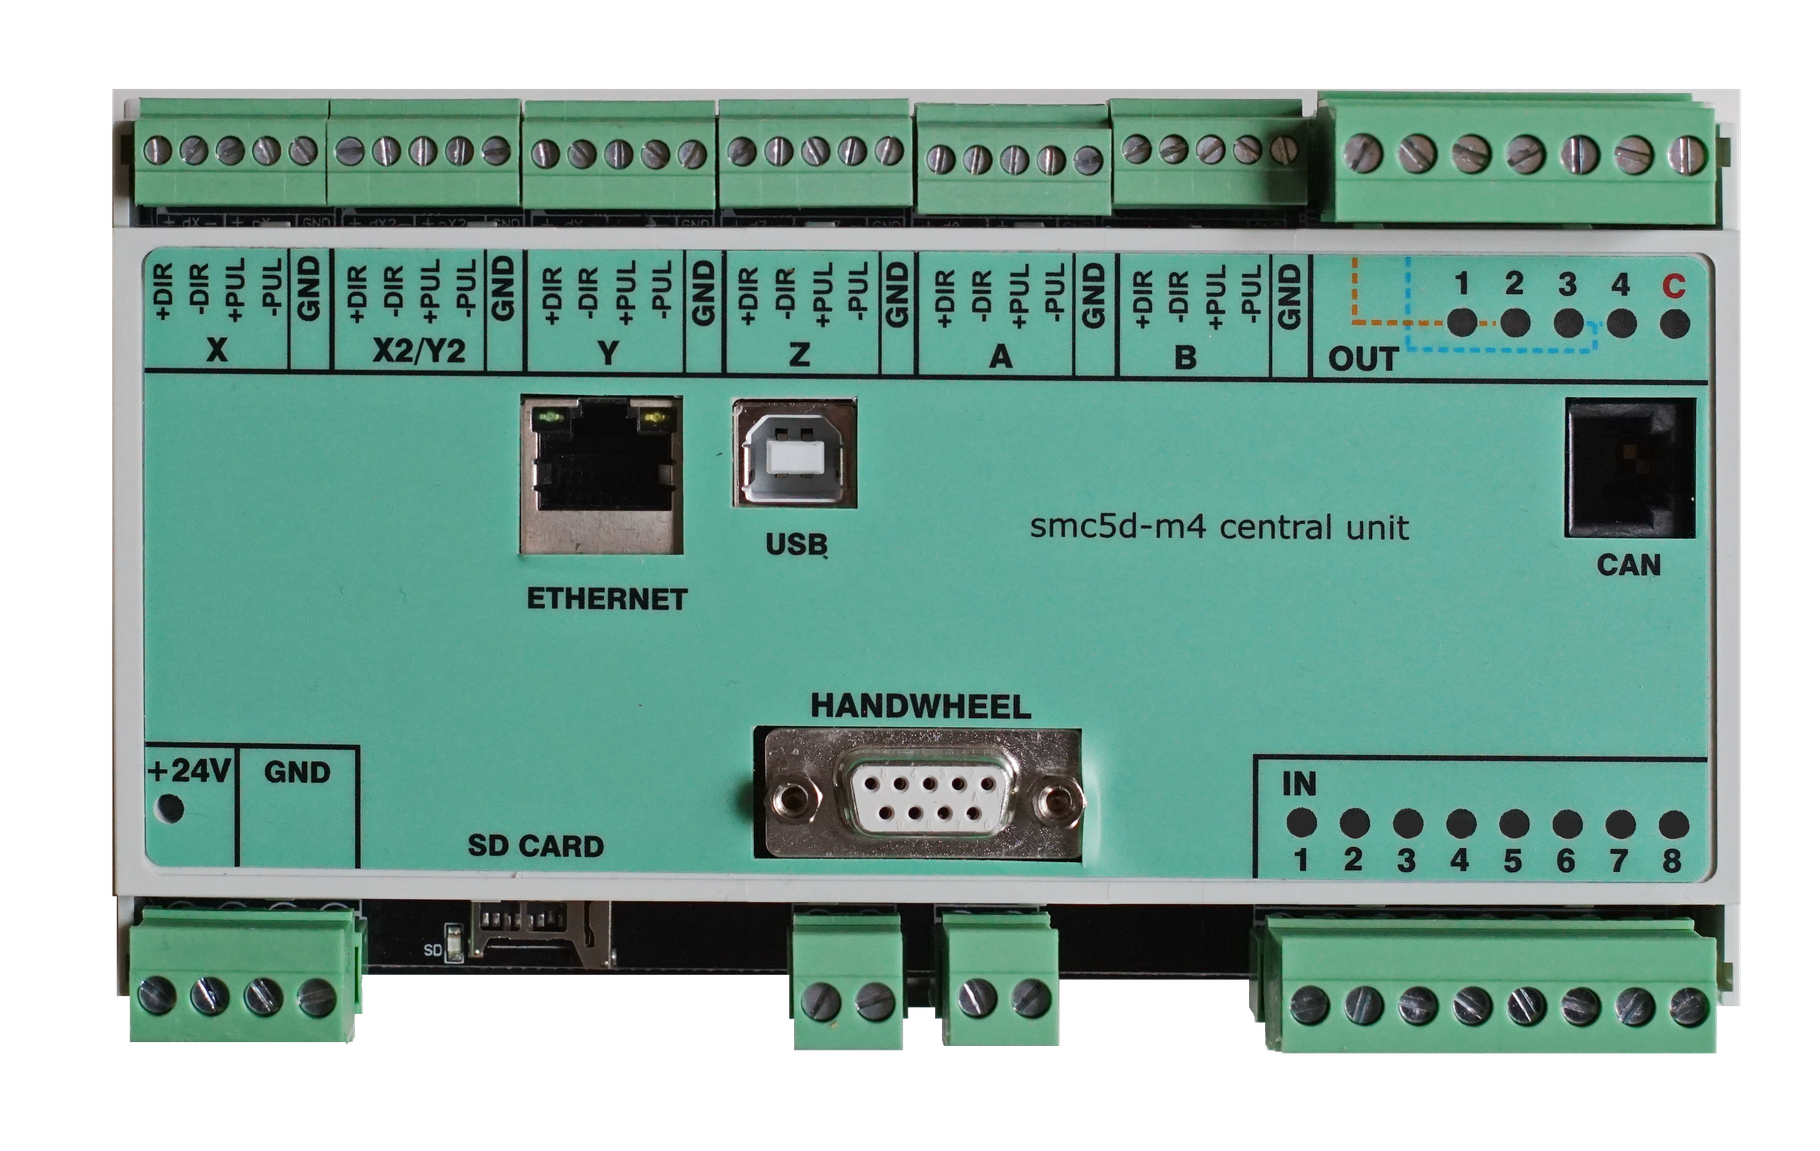 ISP Motion Control inkl. Zentraleinheit V5 / M4 ( CPU ) im Hutschienengehaeuse